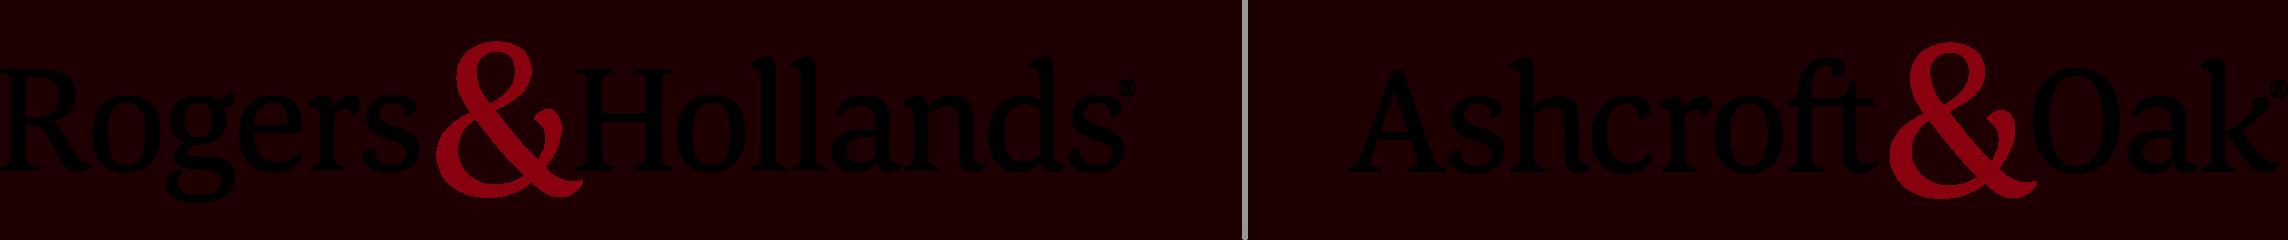 rogers & hollands® jewelers - joliet